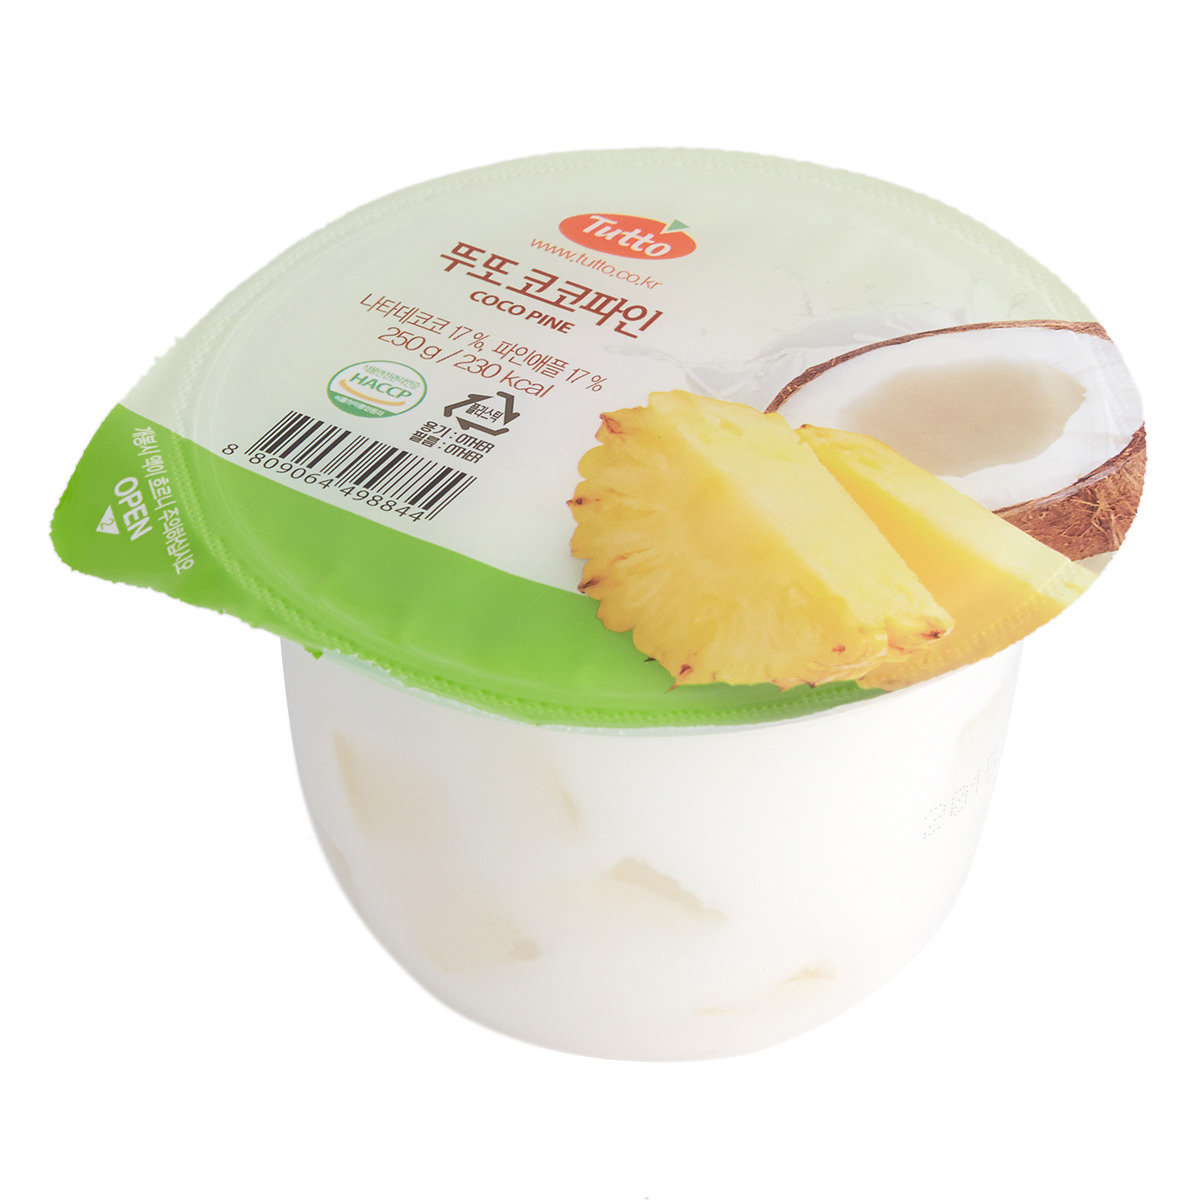 菠蘿椰果乳酪啫哩